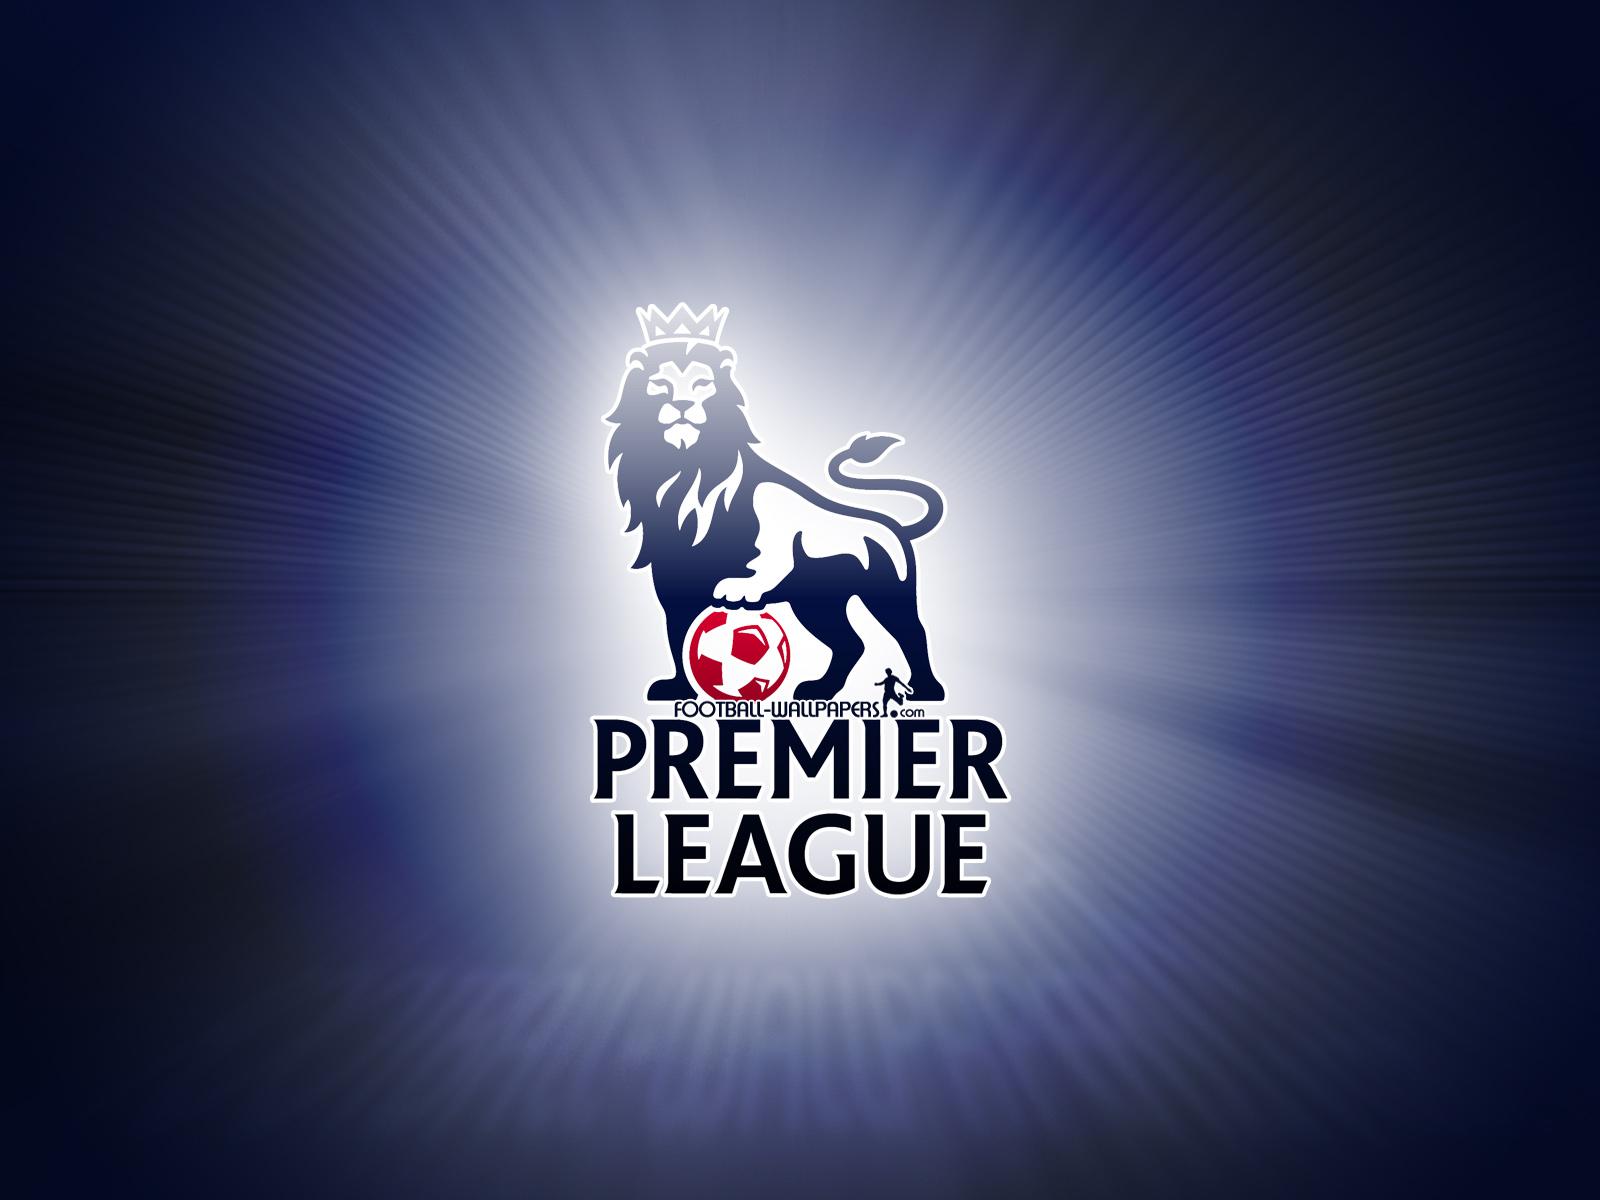 Barclays premier league the news all of the premier league fans have